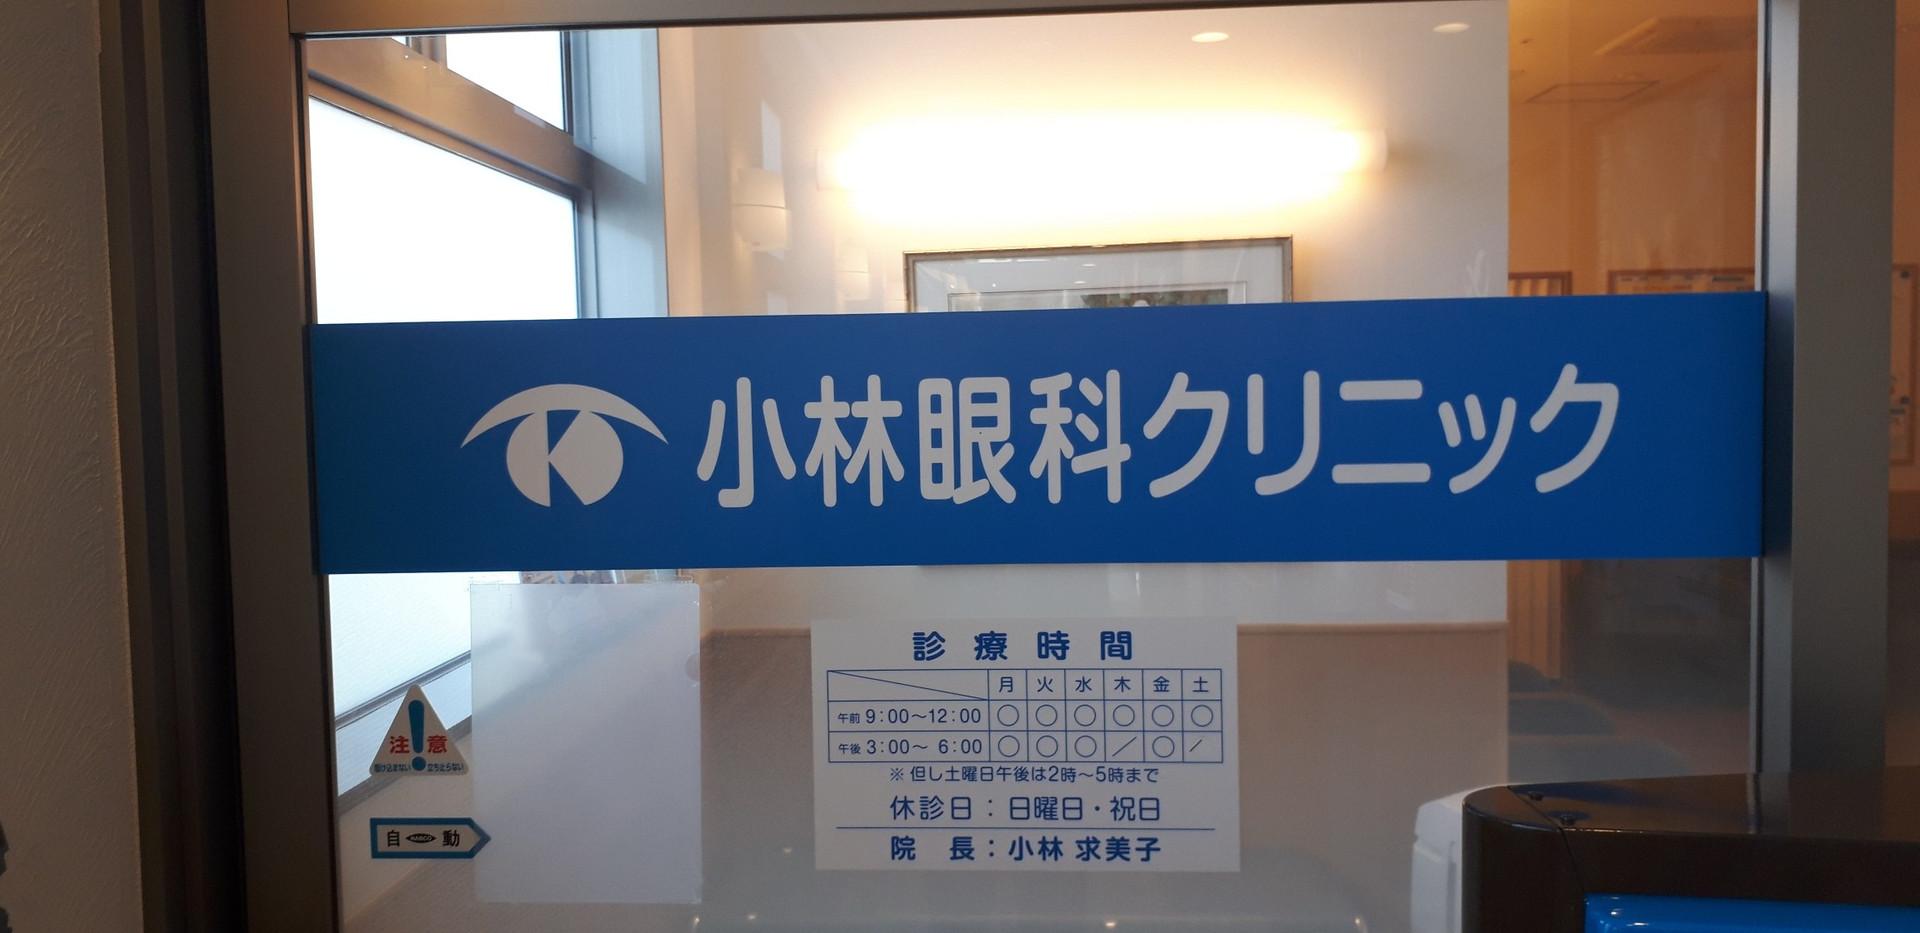 小林眼科クリニック7.jpg